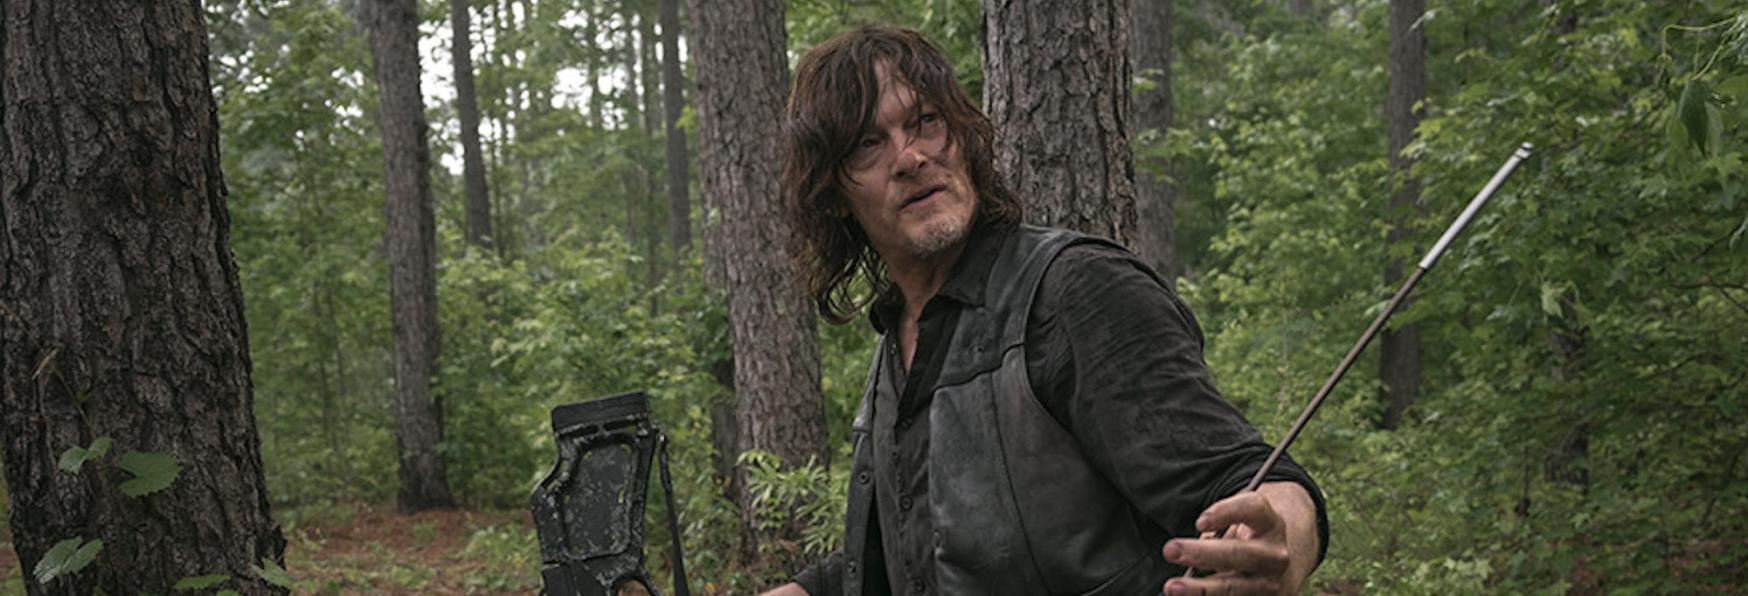 The Walking Dead 11: il Produttore promette una Stagione Differente da Qualsiasi Cosa mai vista prima!